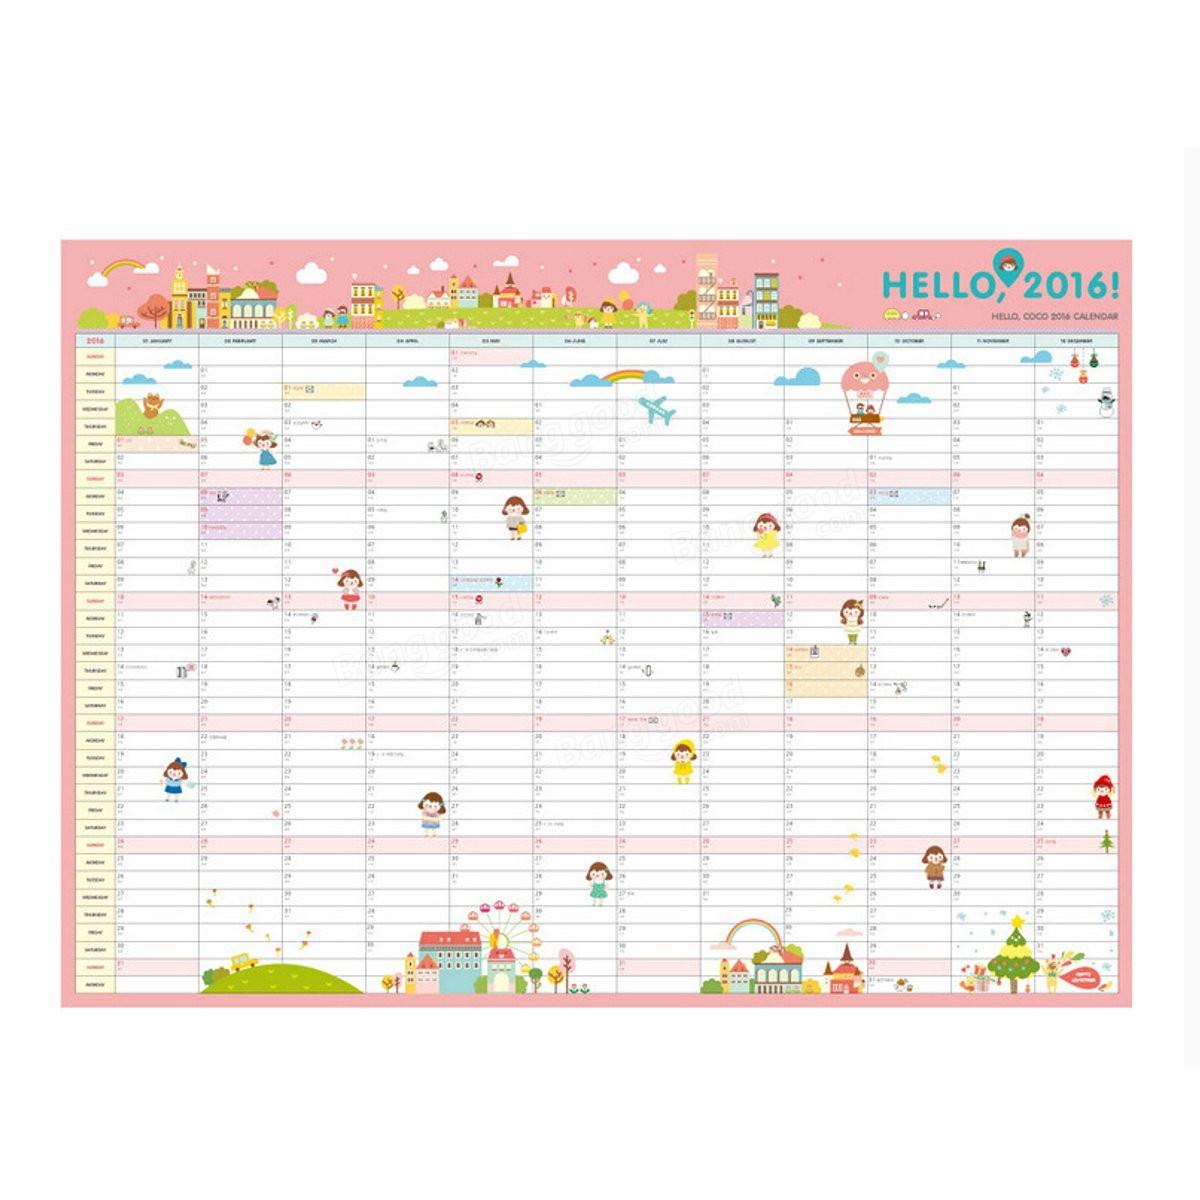 Calendar Home Planner : New calendar wall monthly planner paper